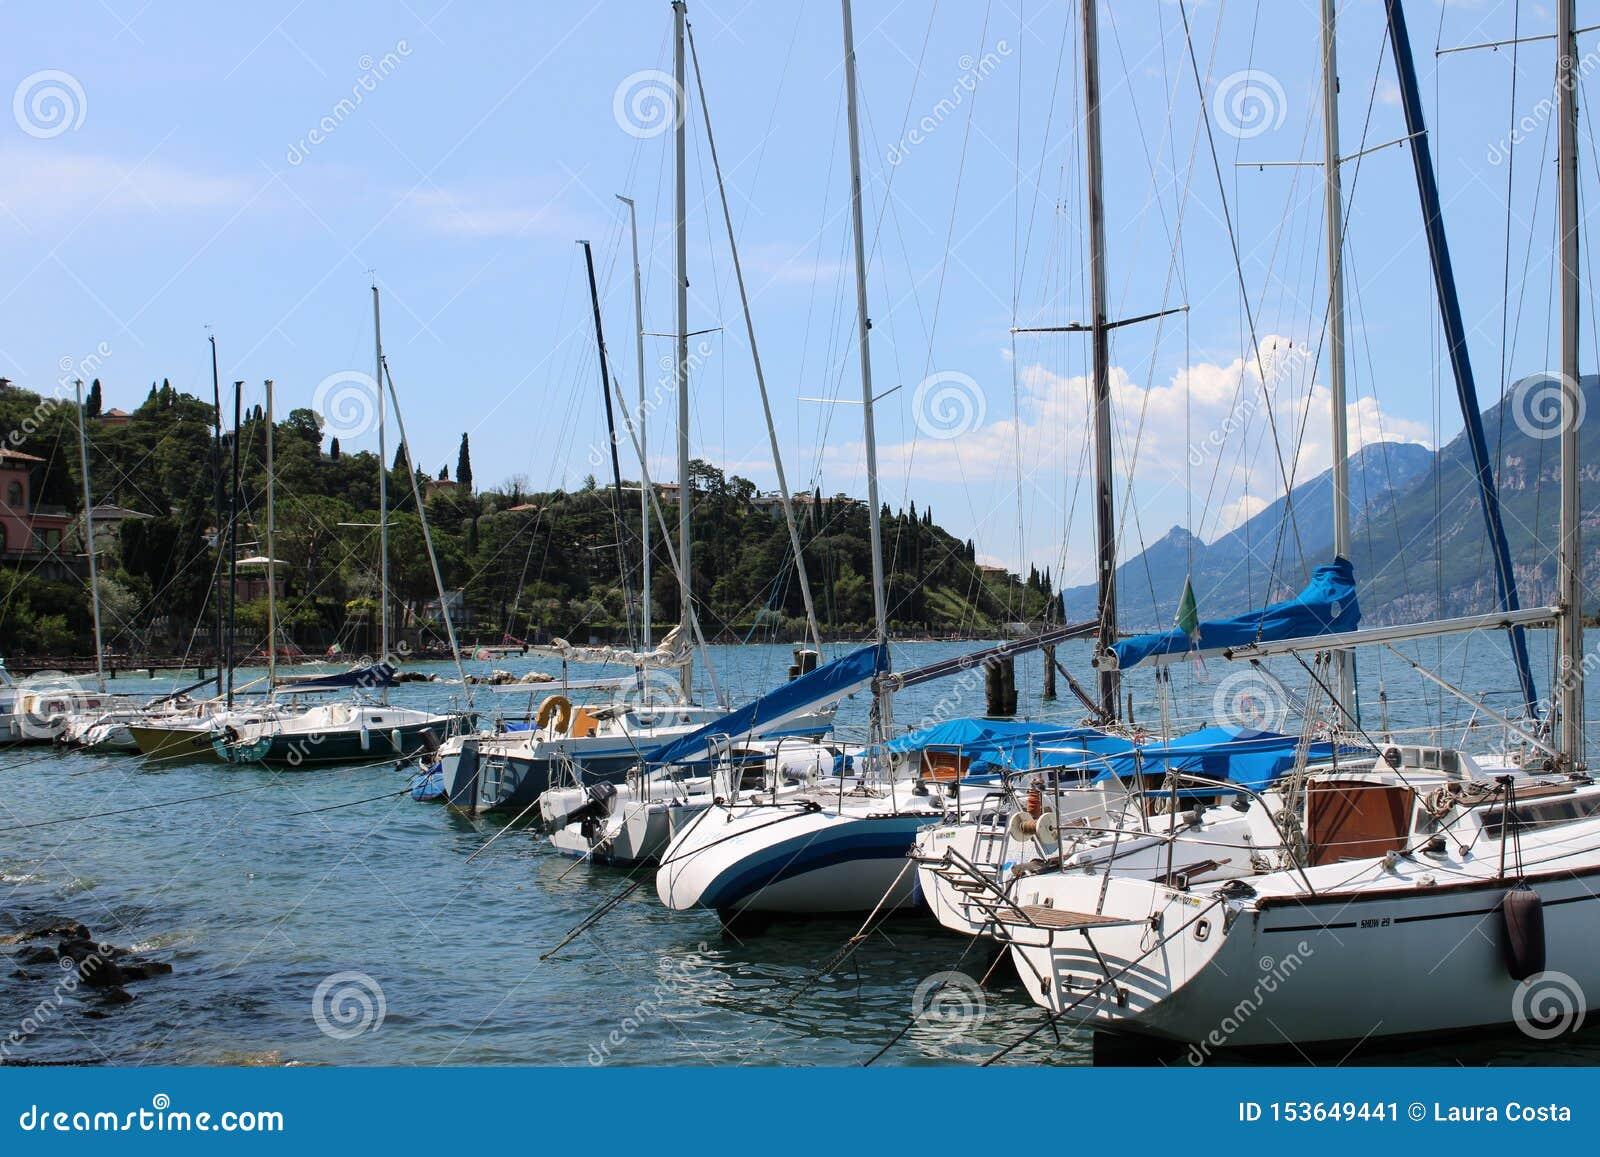 Jachthaven in het Meer van Malcesine Garda met bergen op de achtergrond